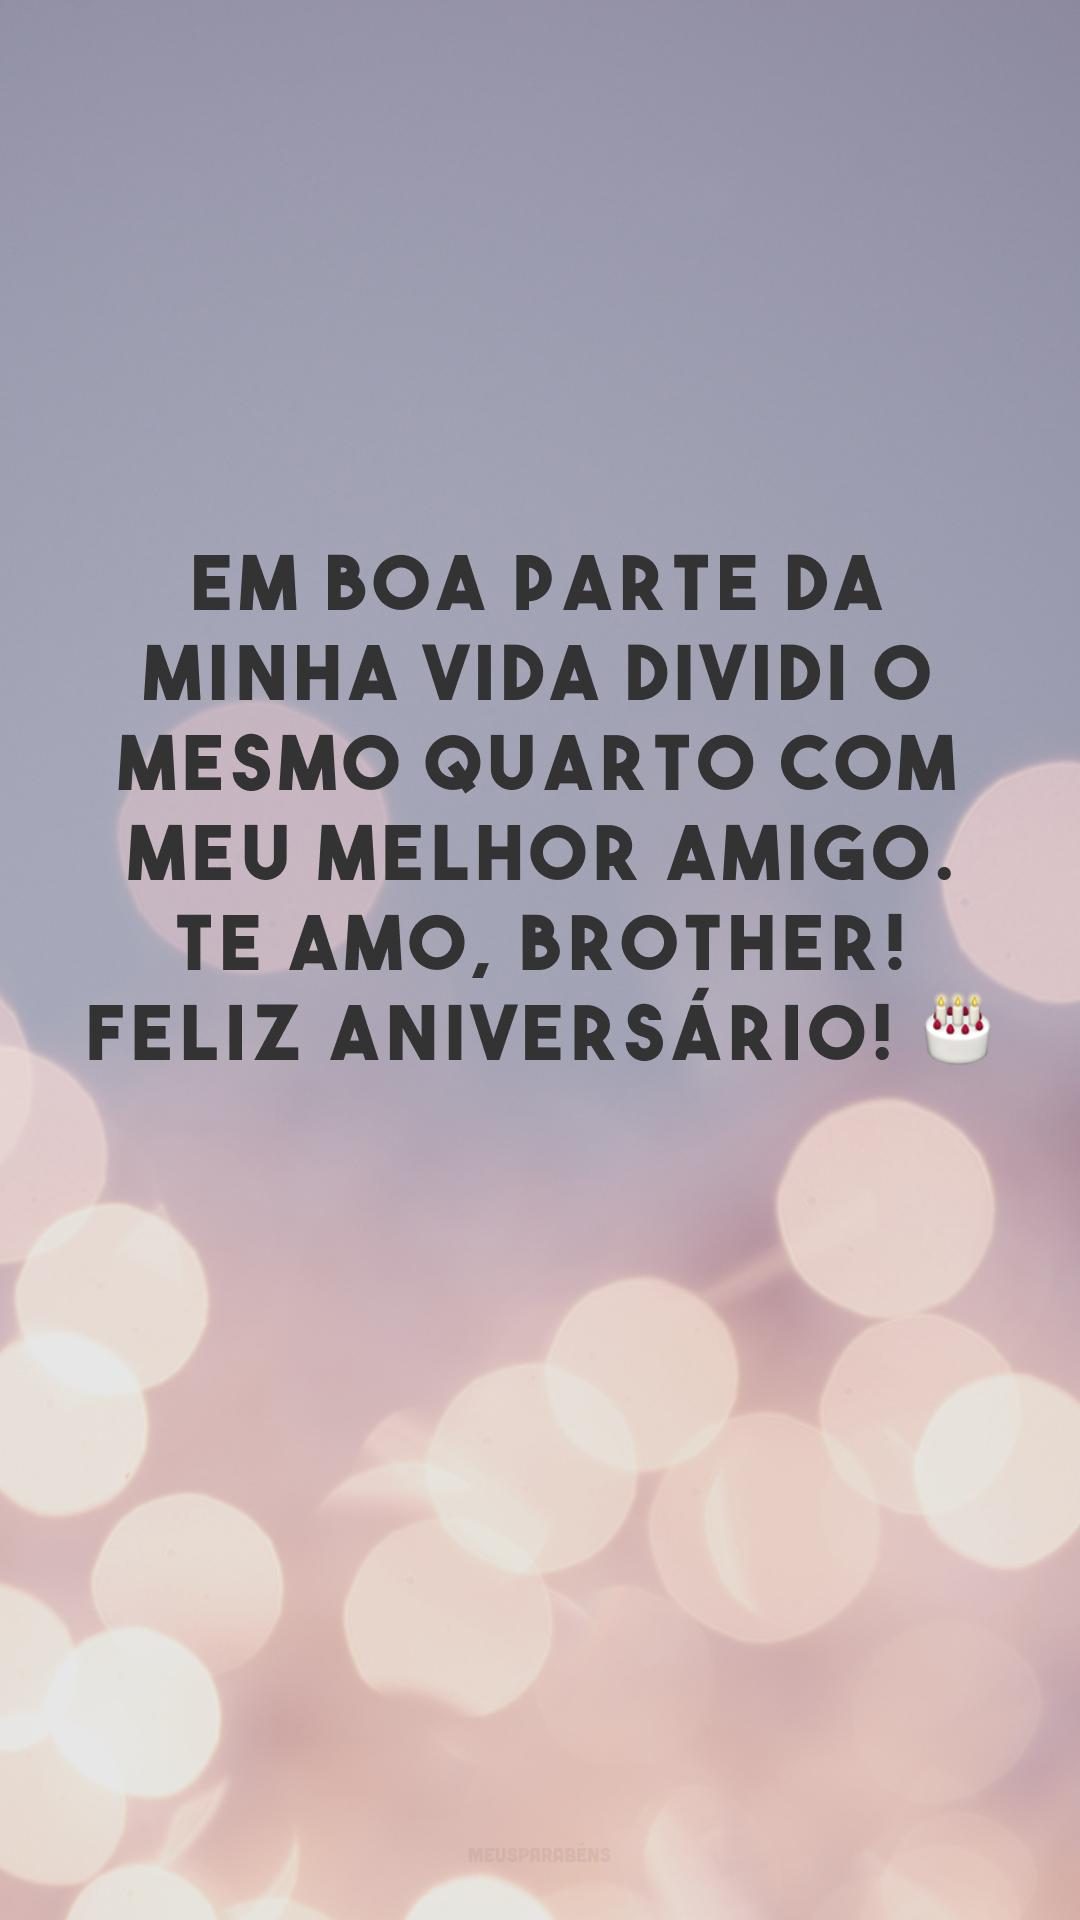 Em boa parte da minha vida dividi o mesmo quarto com meu melhor amigo. Te amo, brother! Feliz aniversário! 🎂